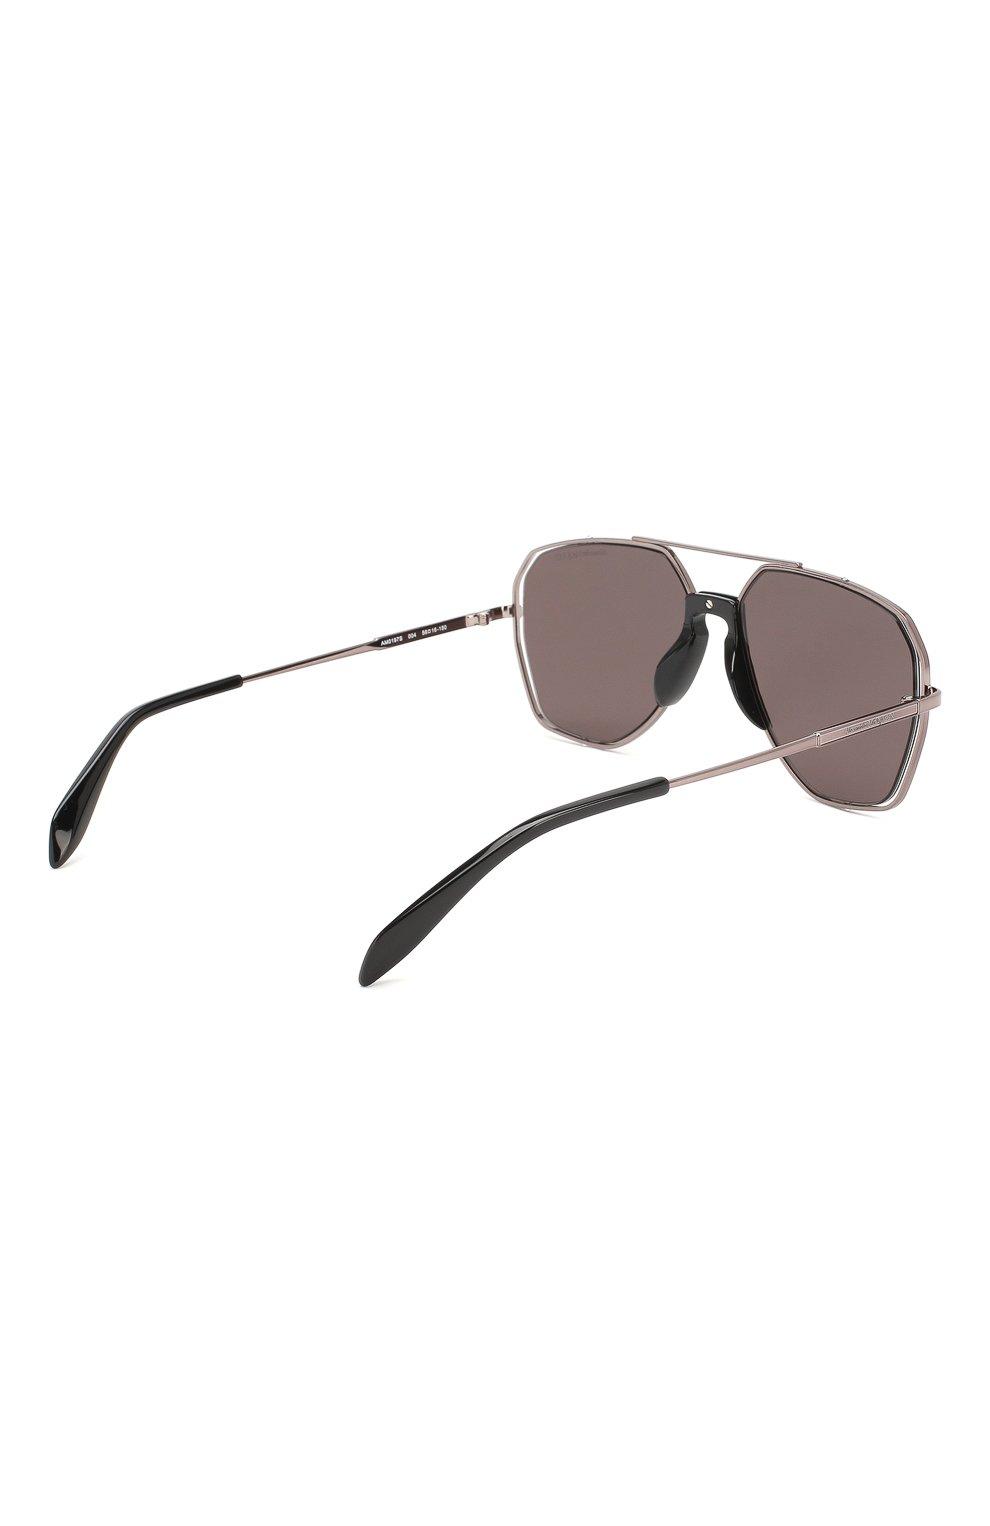 Мужские солнцезащитные очки ALEXANDER MCQUEEN серого цвета, арт. AM0197 004 | Фото 3